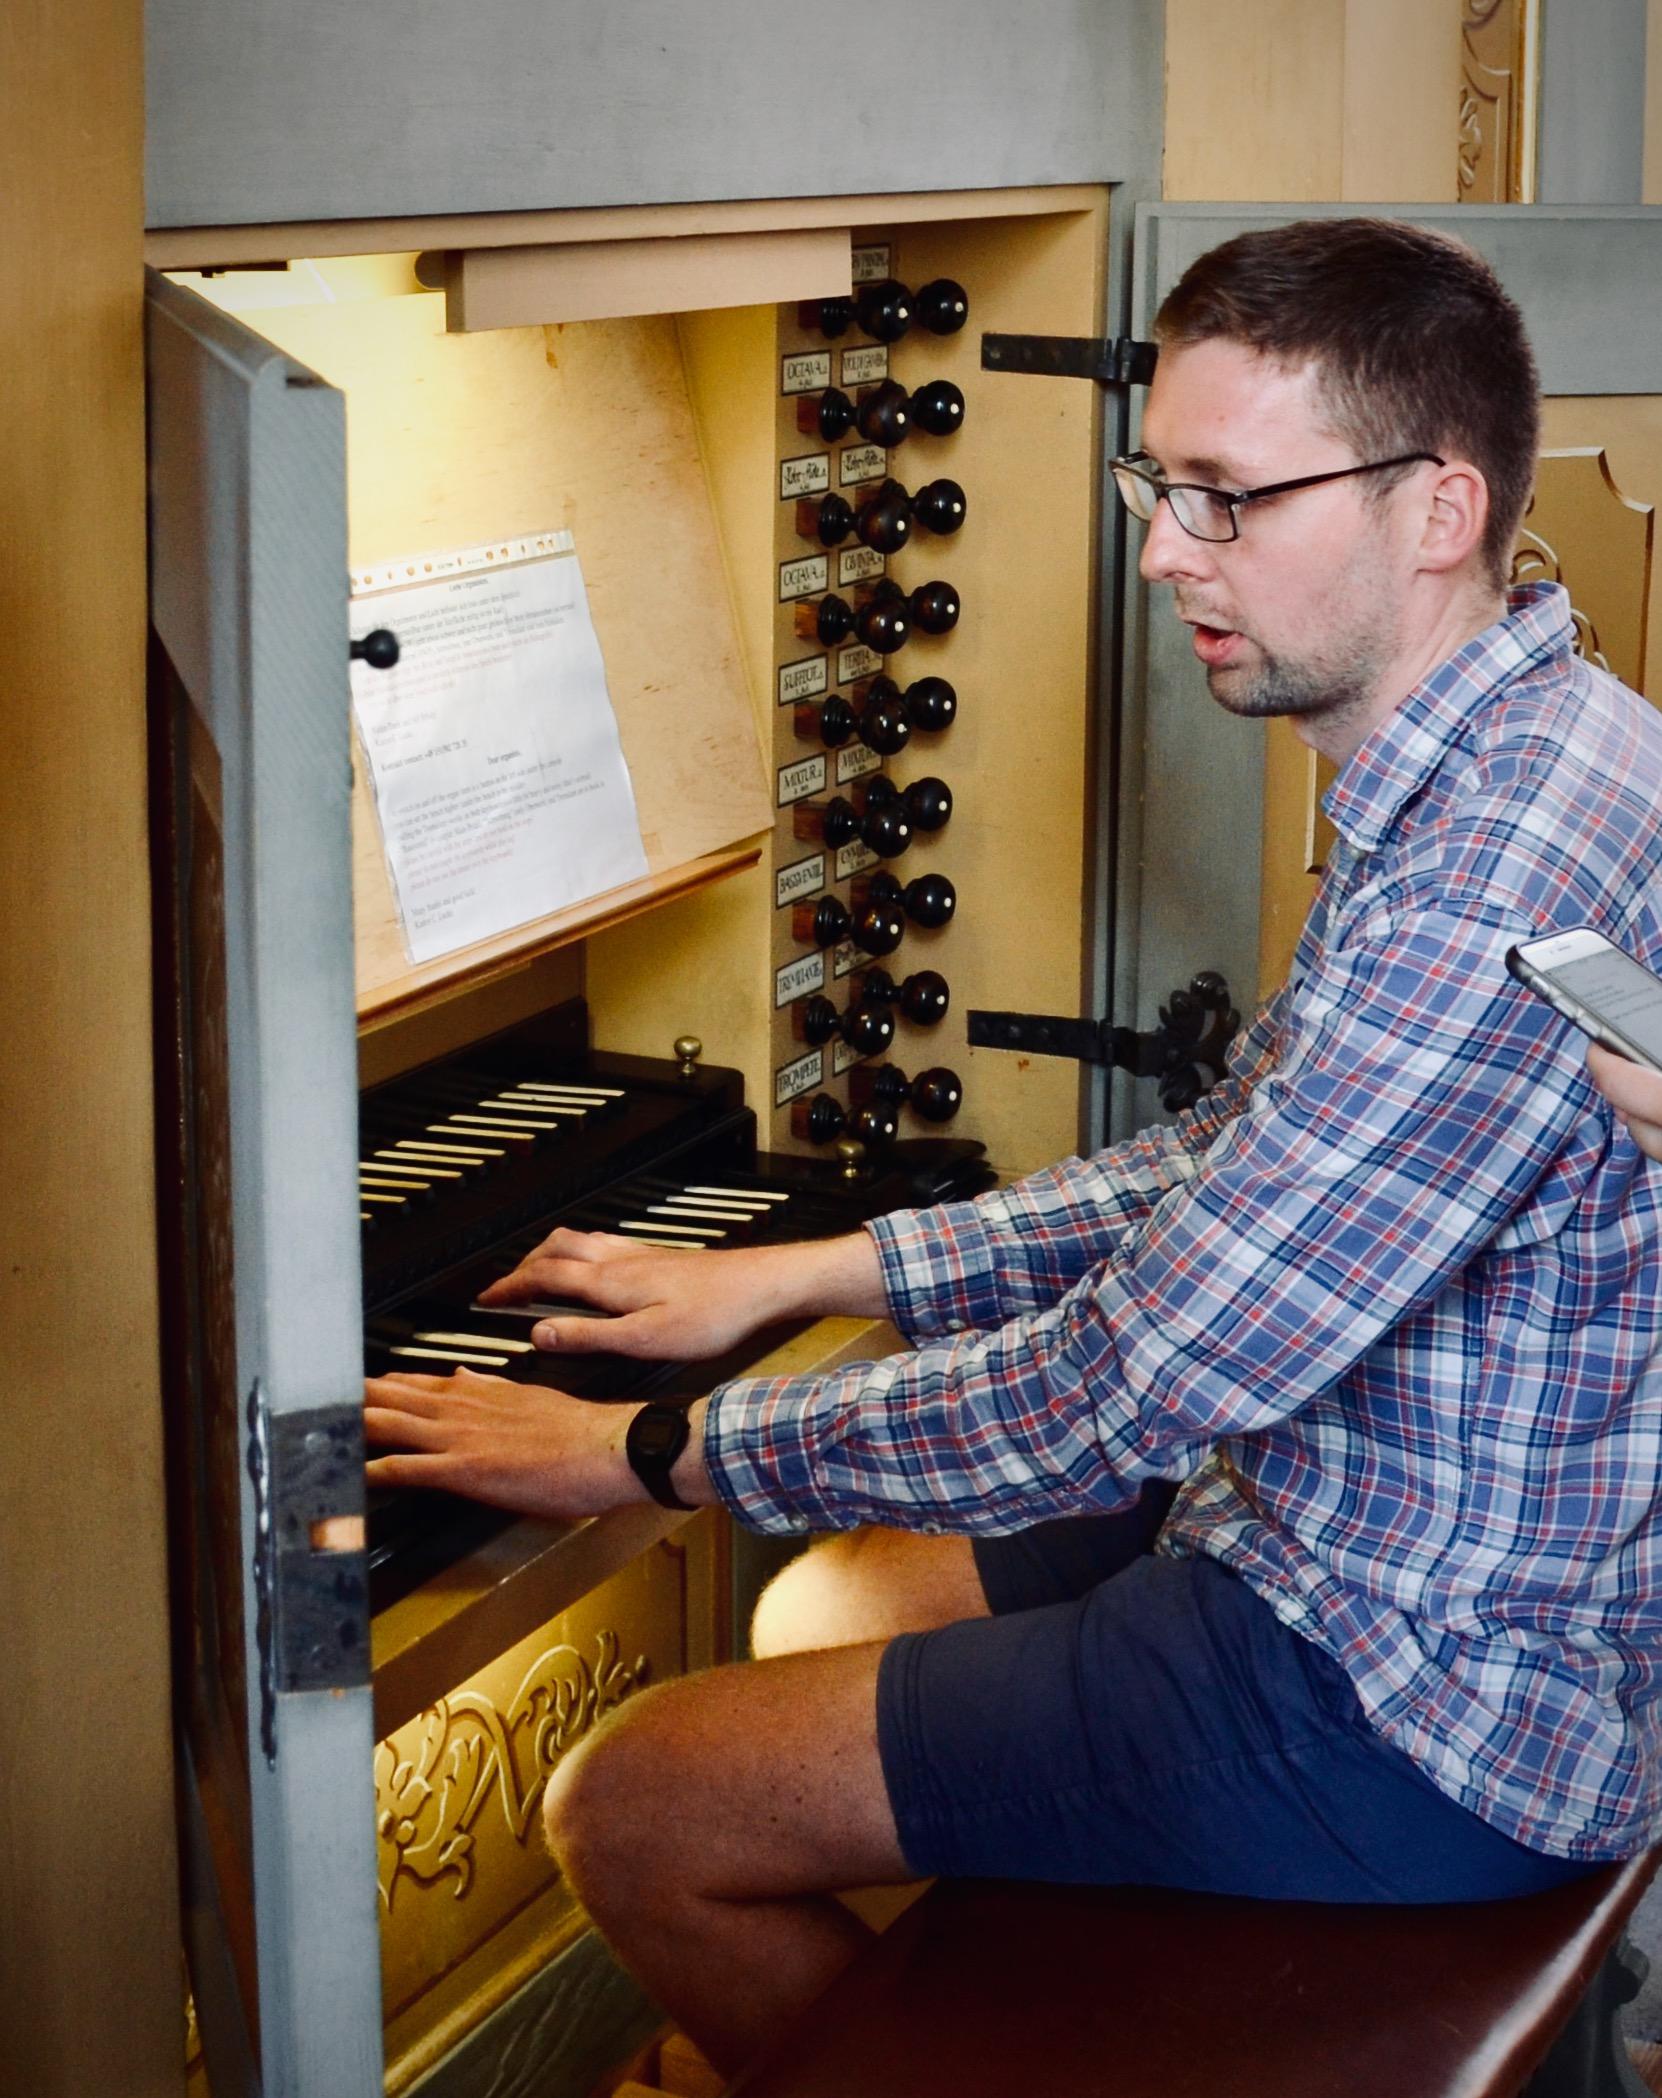 Clemens Lucke demonstrates the 1735 Gottfried Silbermann organ, St. Petrikirche, Freiberg.